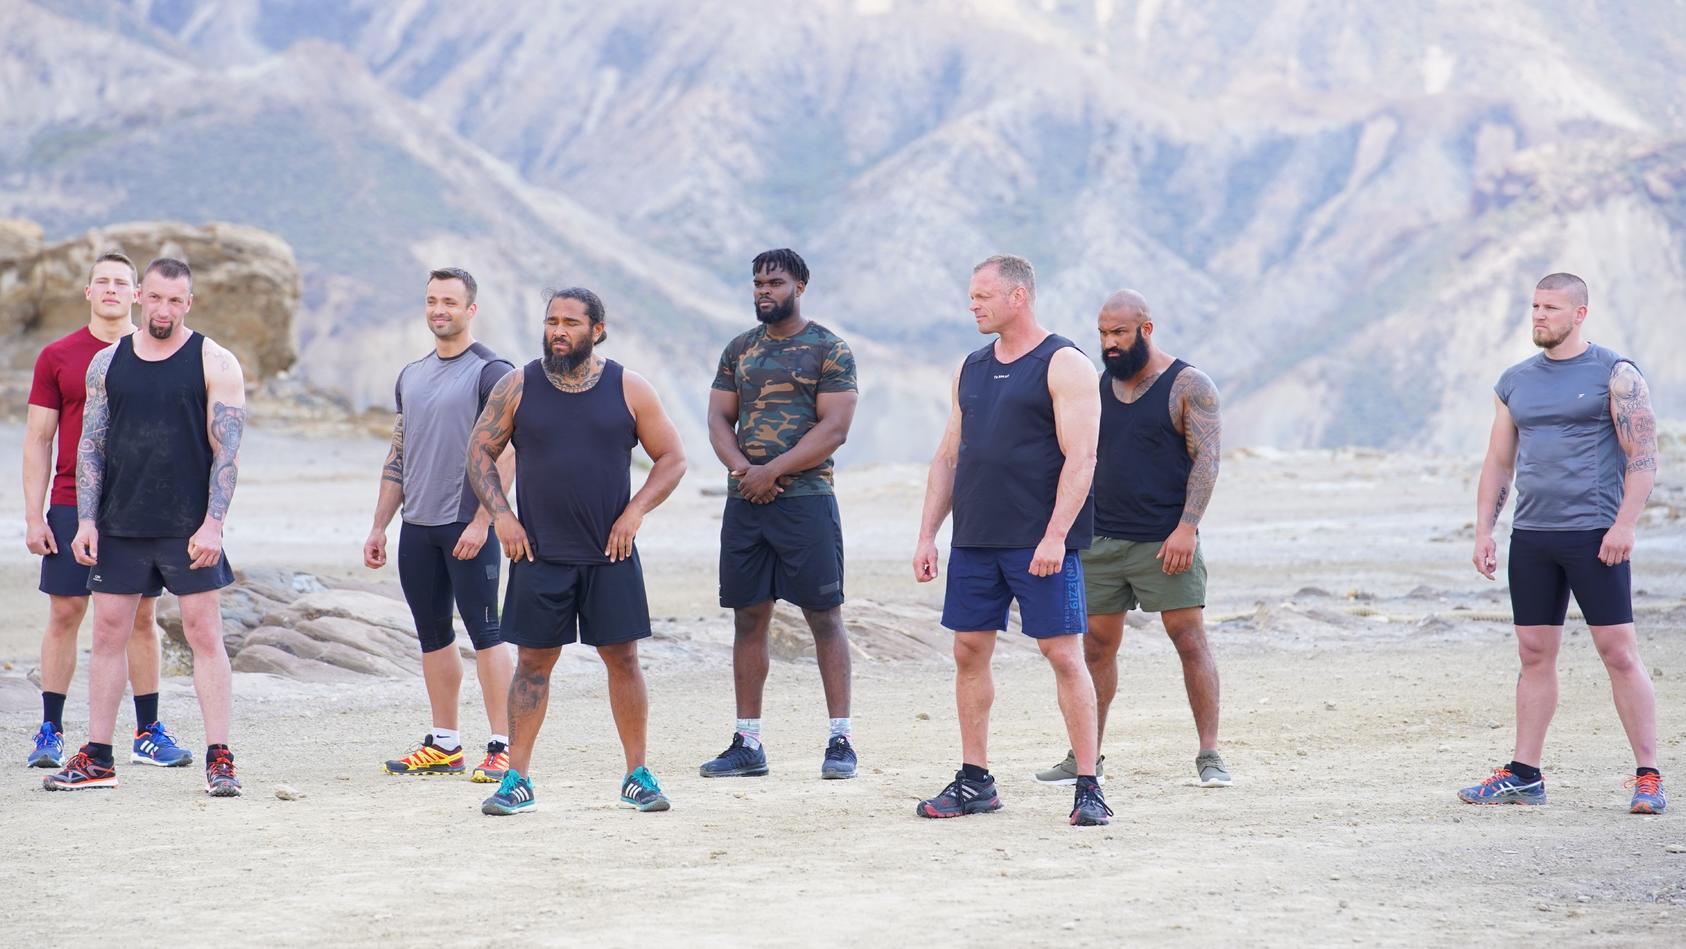 """Noch sehen die Jungs entspannt aus, aber das wird sich bald ändern. Denn """"Showdown - Die Wüsten-Challenge"""" ist nichts für Weicheier!"""